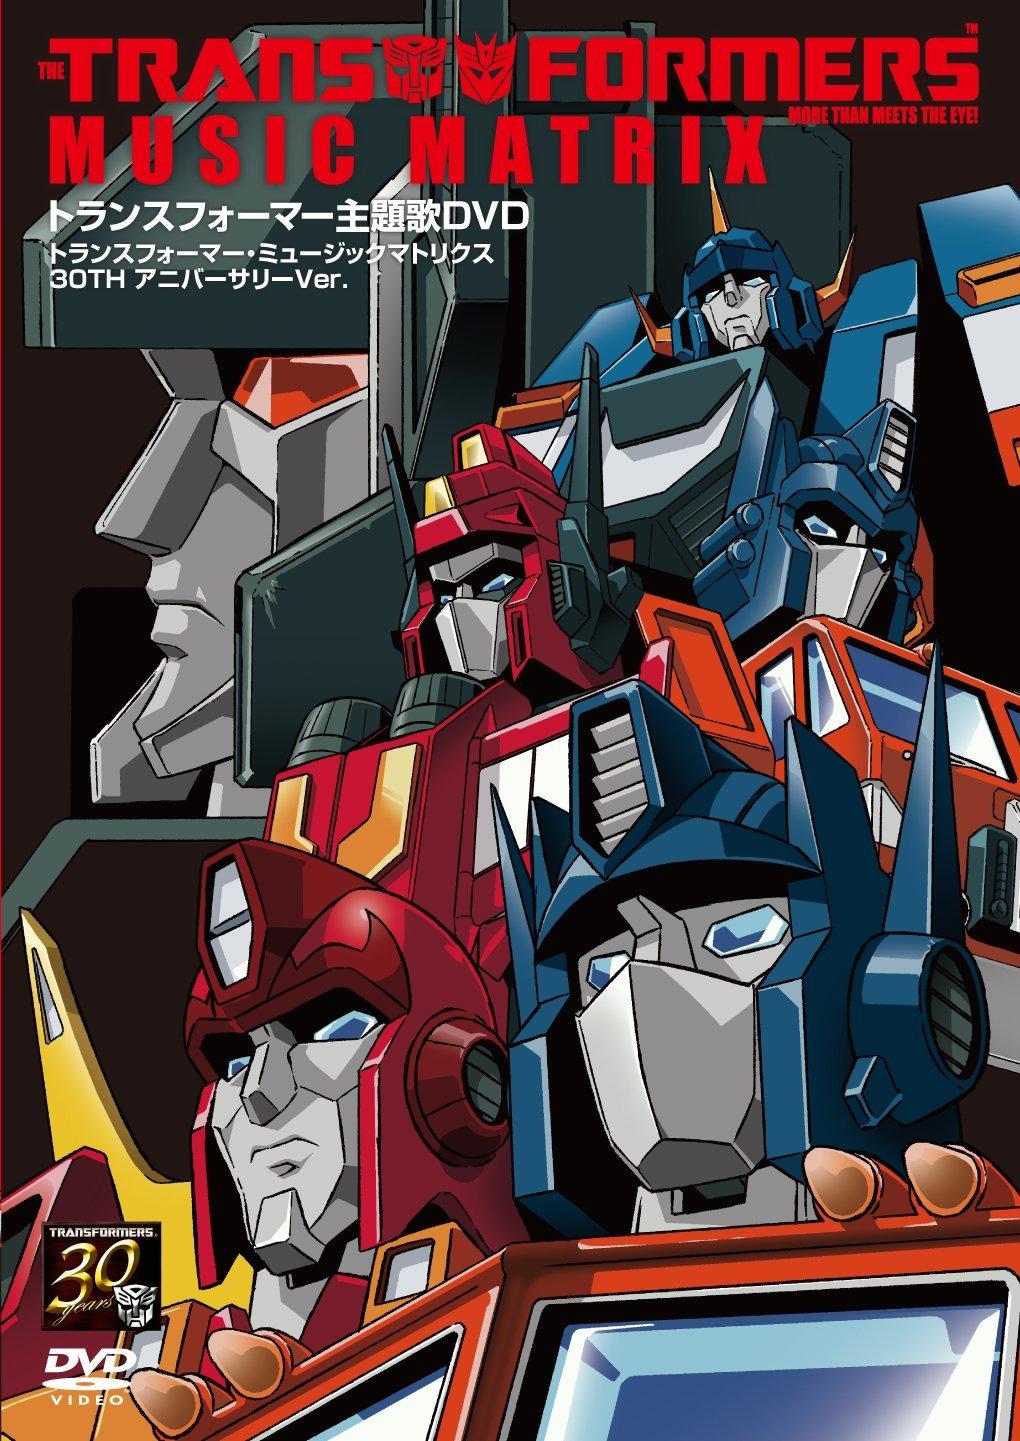 [CD & Vinyle] Bande-sonore/Musiques de Les Transformers Le Film (1986) + série Les Transformers (G1) + TF au Japon 27463852d1409244576-new-japanese-transformers-dvd-cd-preorder-amazon-jp-8123wftgo6l_sl1500__1409262523